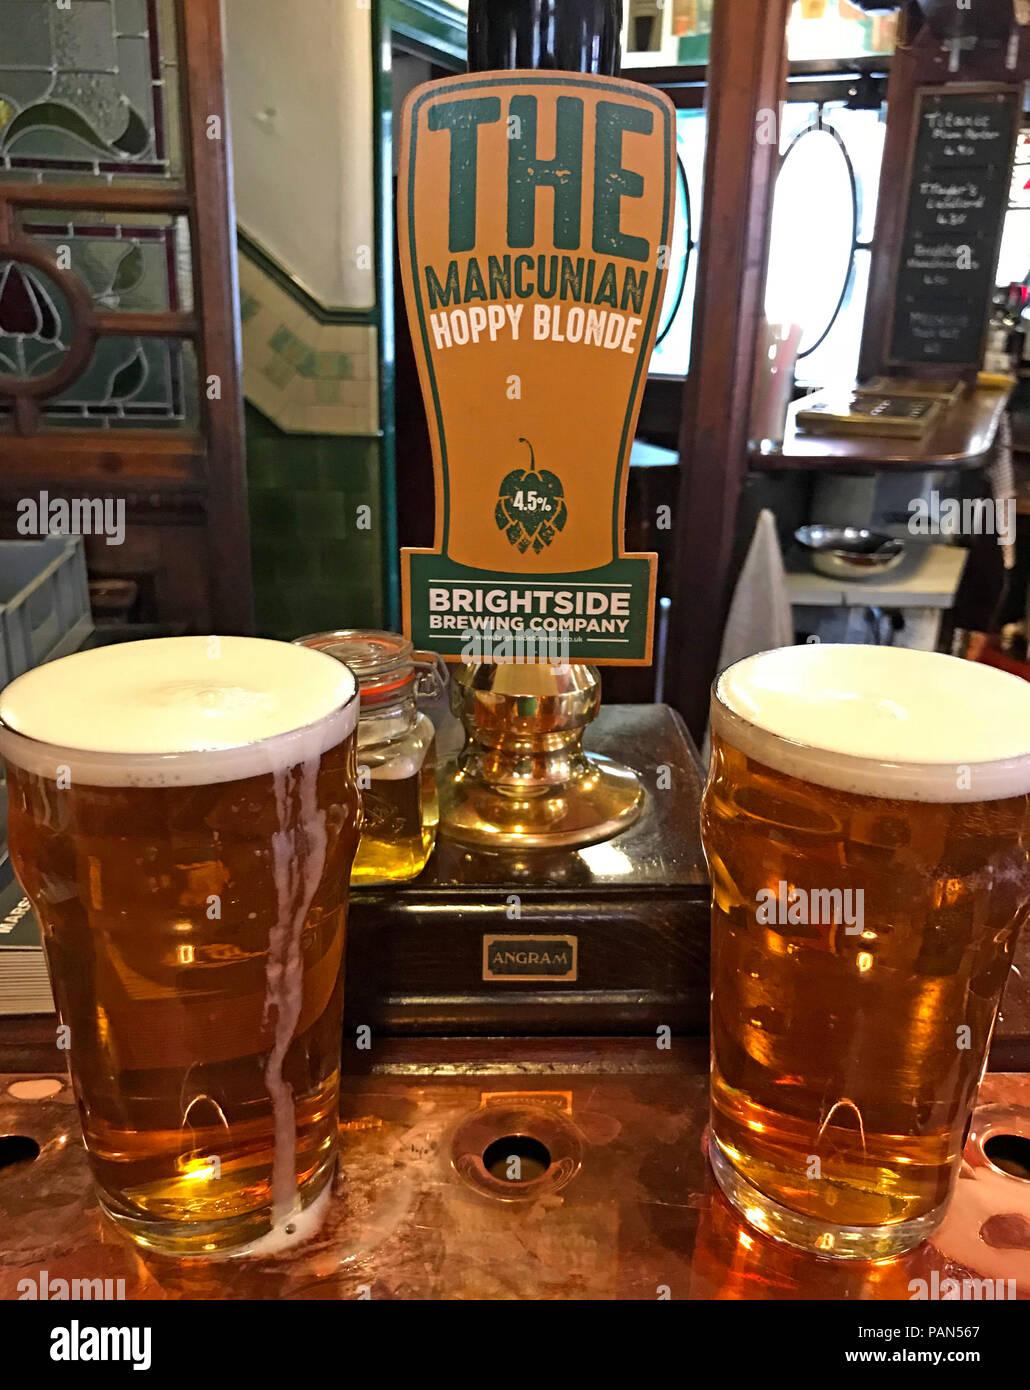 Laden Sie dieses Alamy Stockfoto Zwei pints Brightside Hier befindet Hoppy Blonde real ale, auf eine Bar, Manchester, North West England, Großbritannien - PAN567